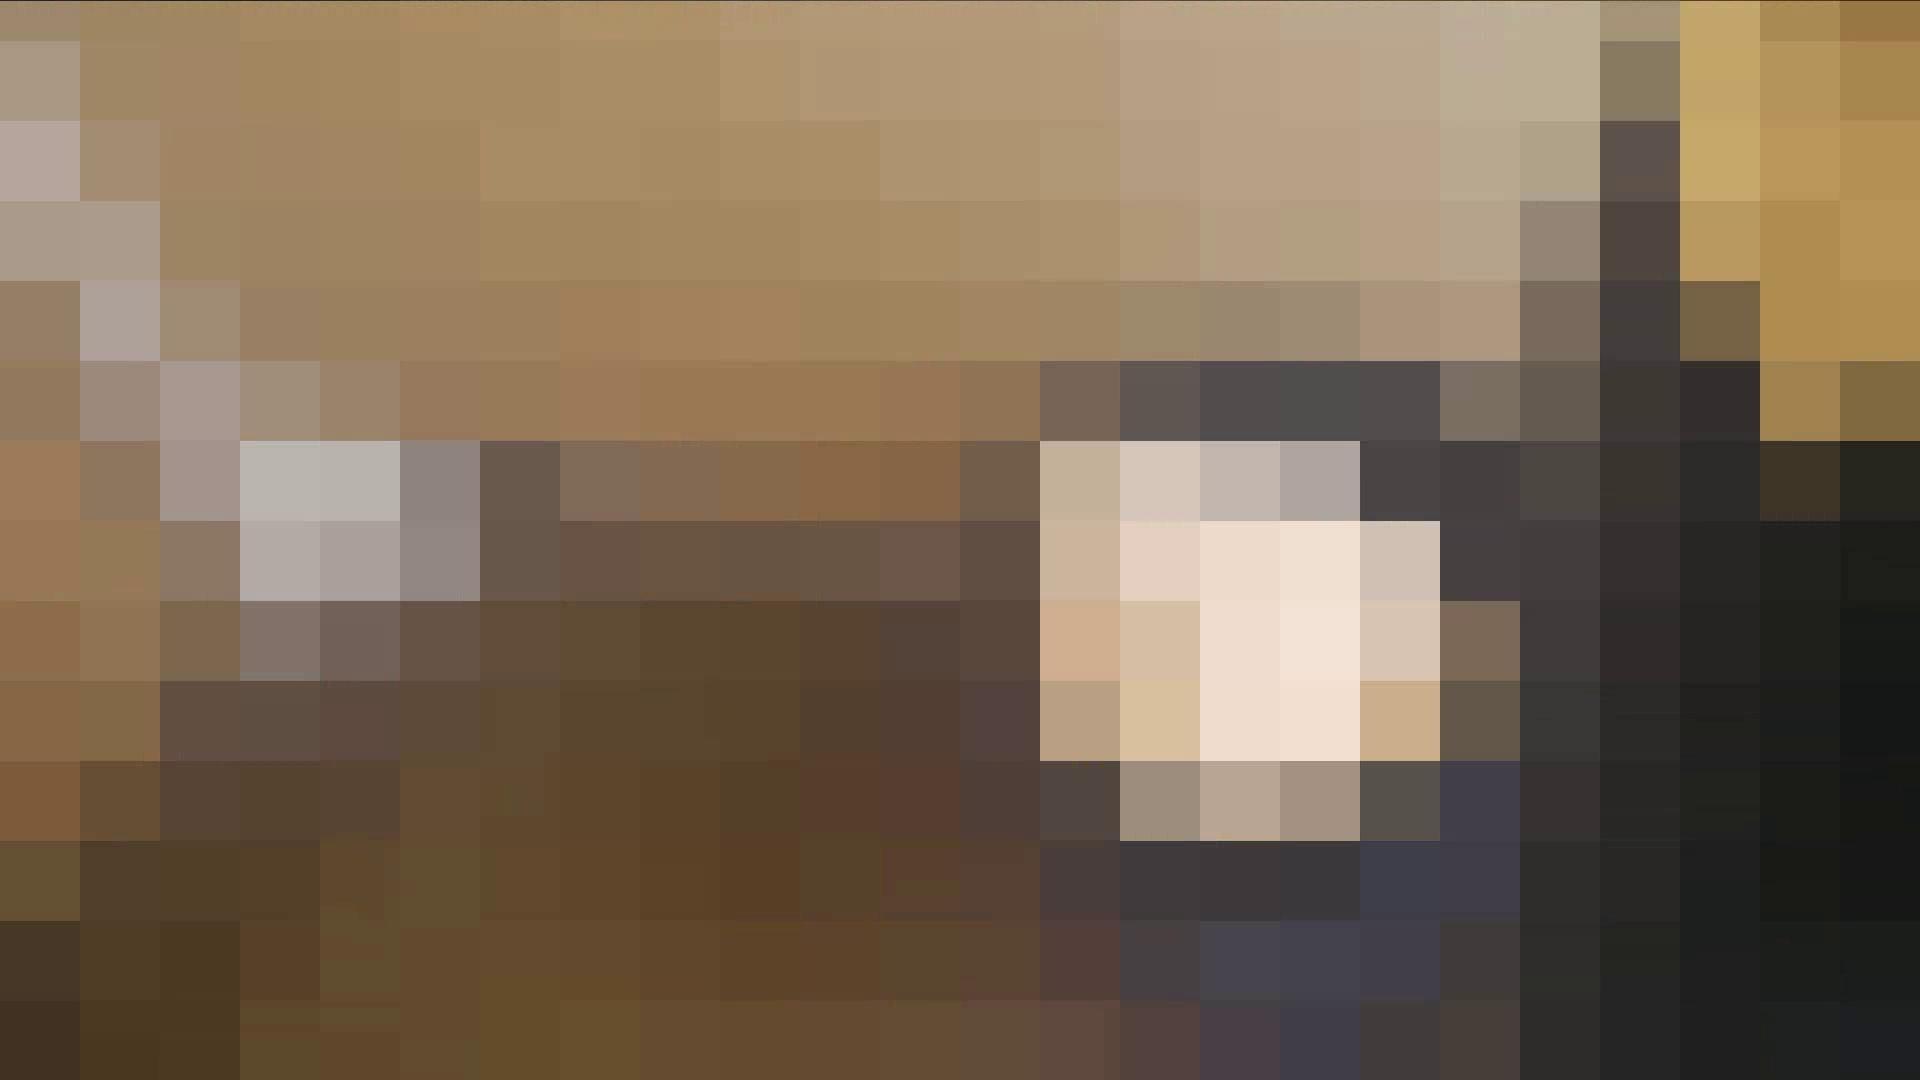 阿国ちゃんの「和式洋式七変化」No.17 和式  97pic 32